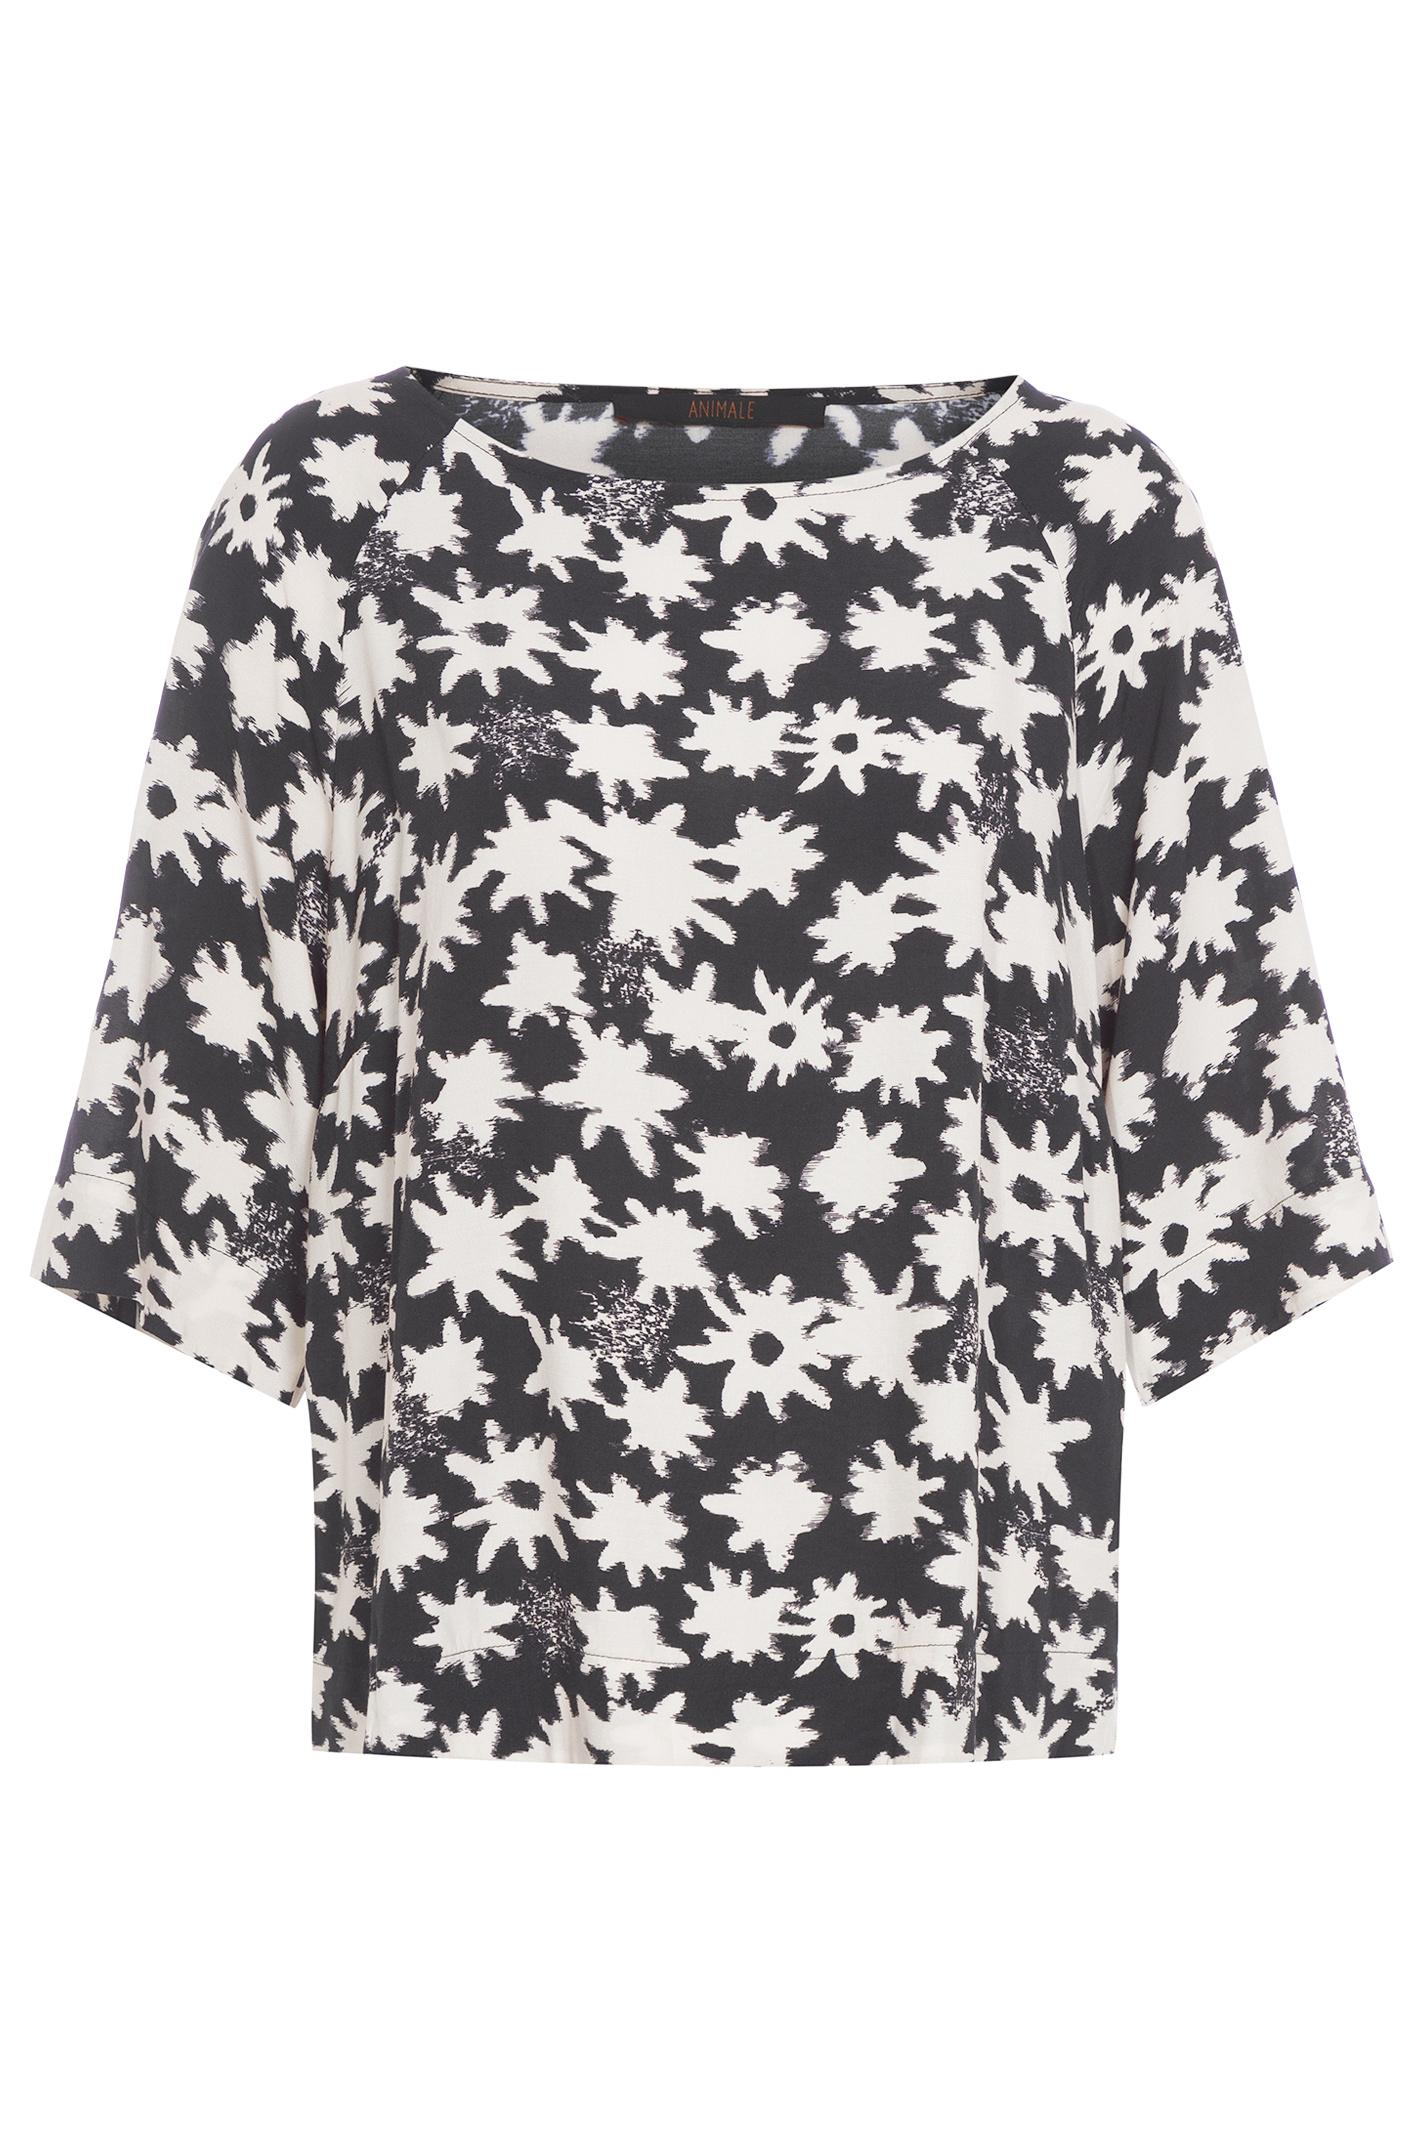 T Shirt Basica Flor Poua